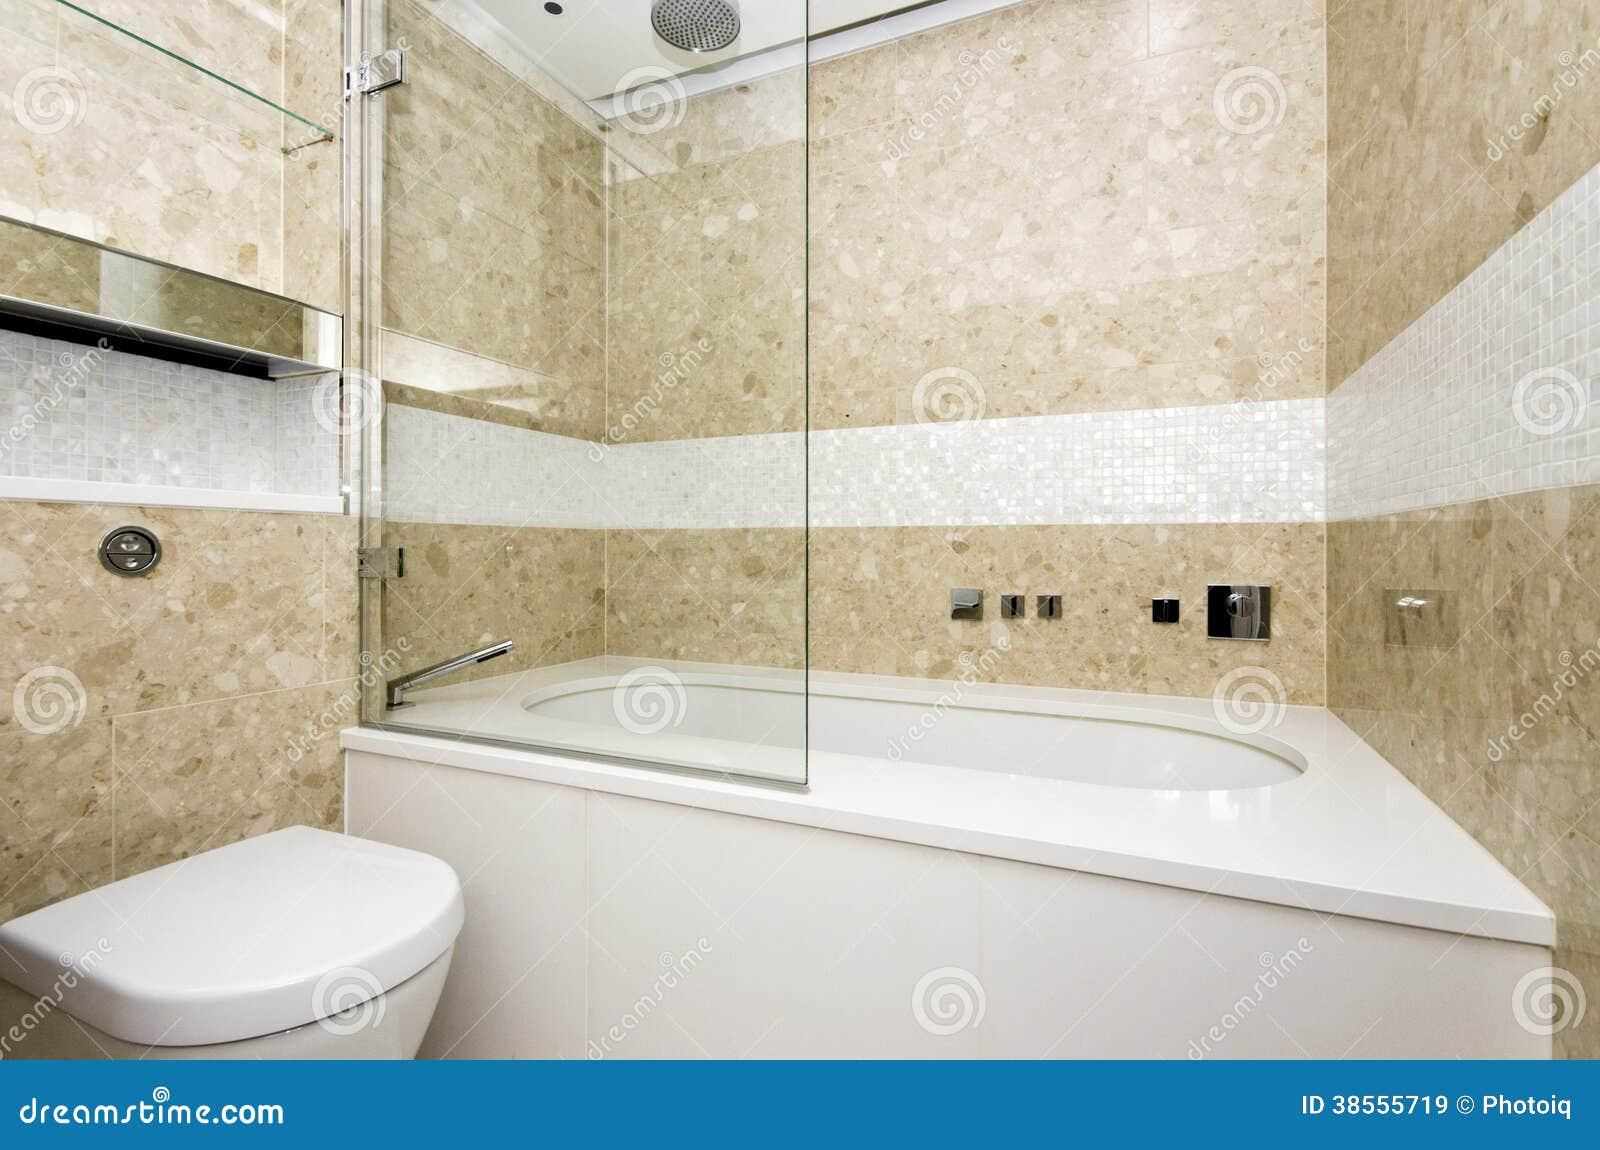 O Banheiro à Moda Com A Grandes Banheira E Mosaico Do Desenhista Telhou O Wa  -> Banheiro Com Banheira E Chuveiro Separados